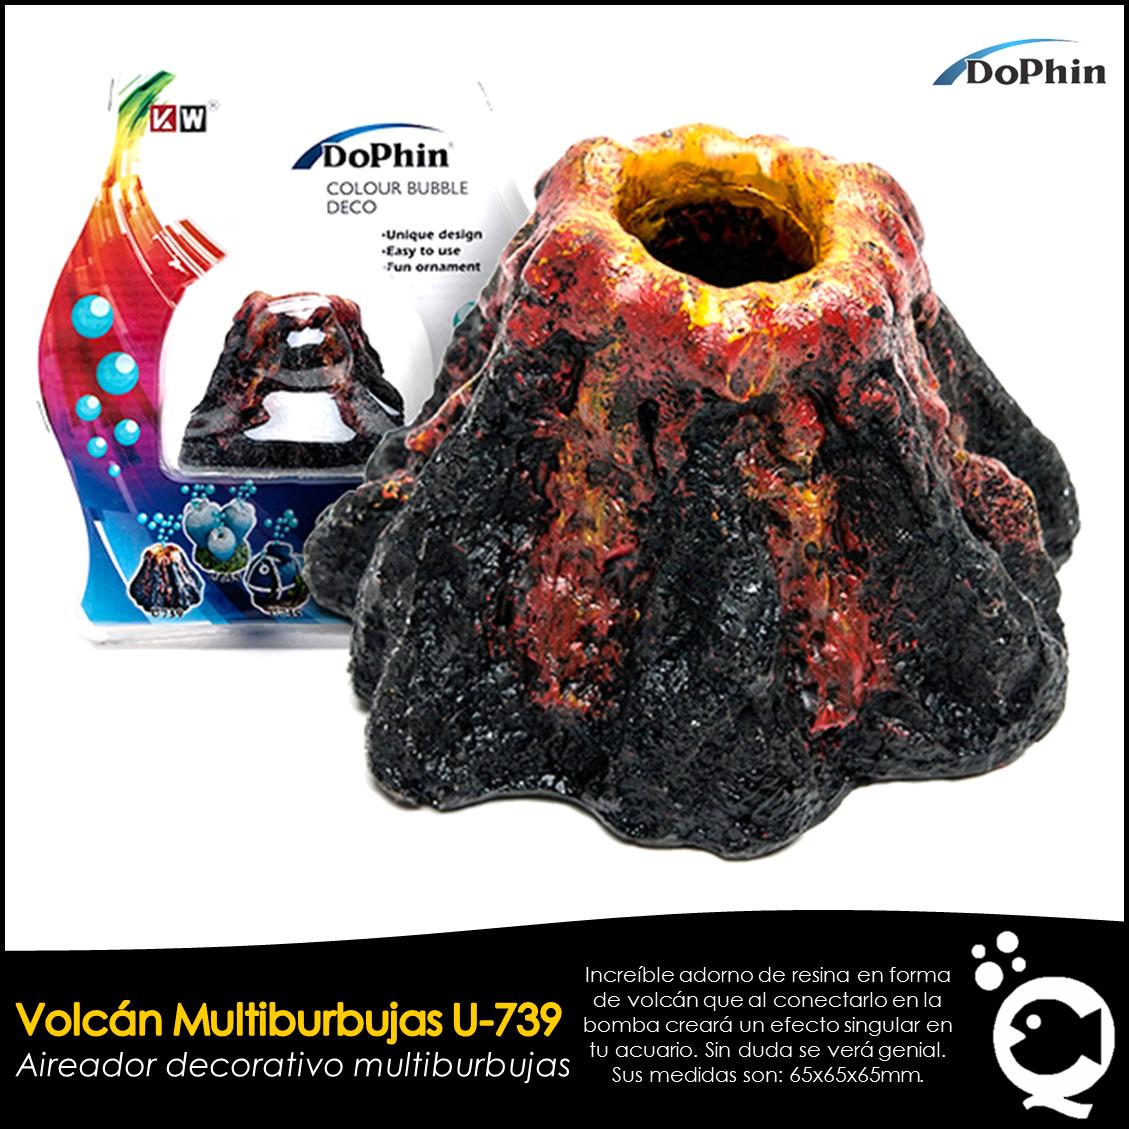 Volcán Multiburbujas U-739 DoPhin. De venta en Aquatic Shop Acuario.